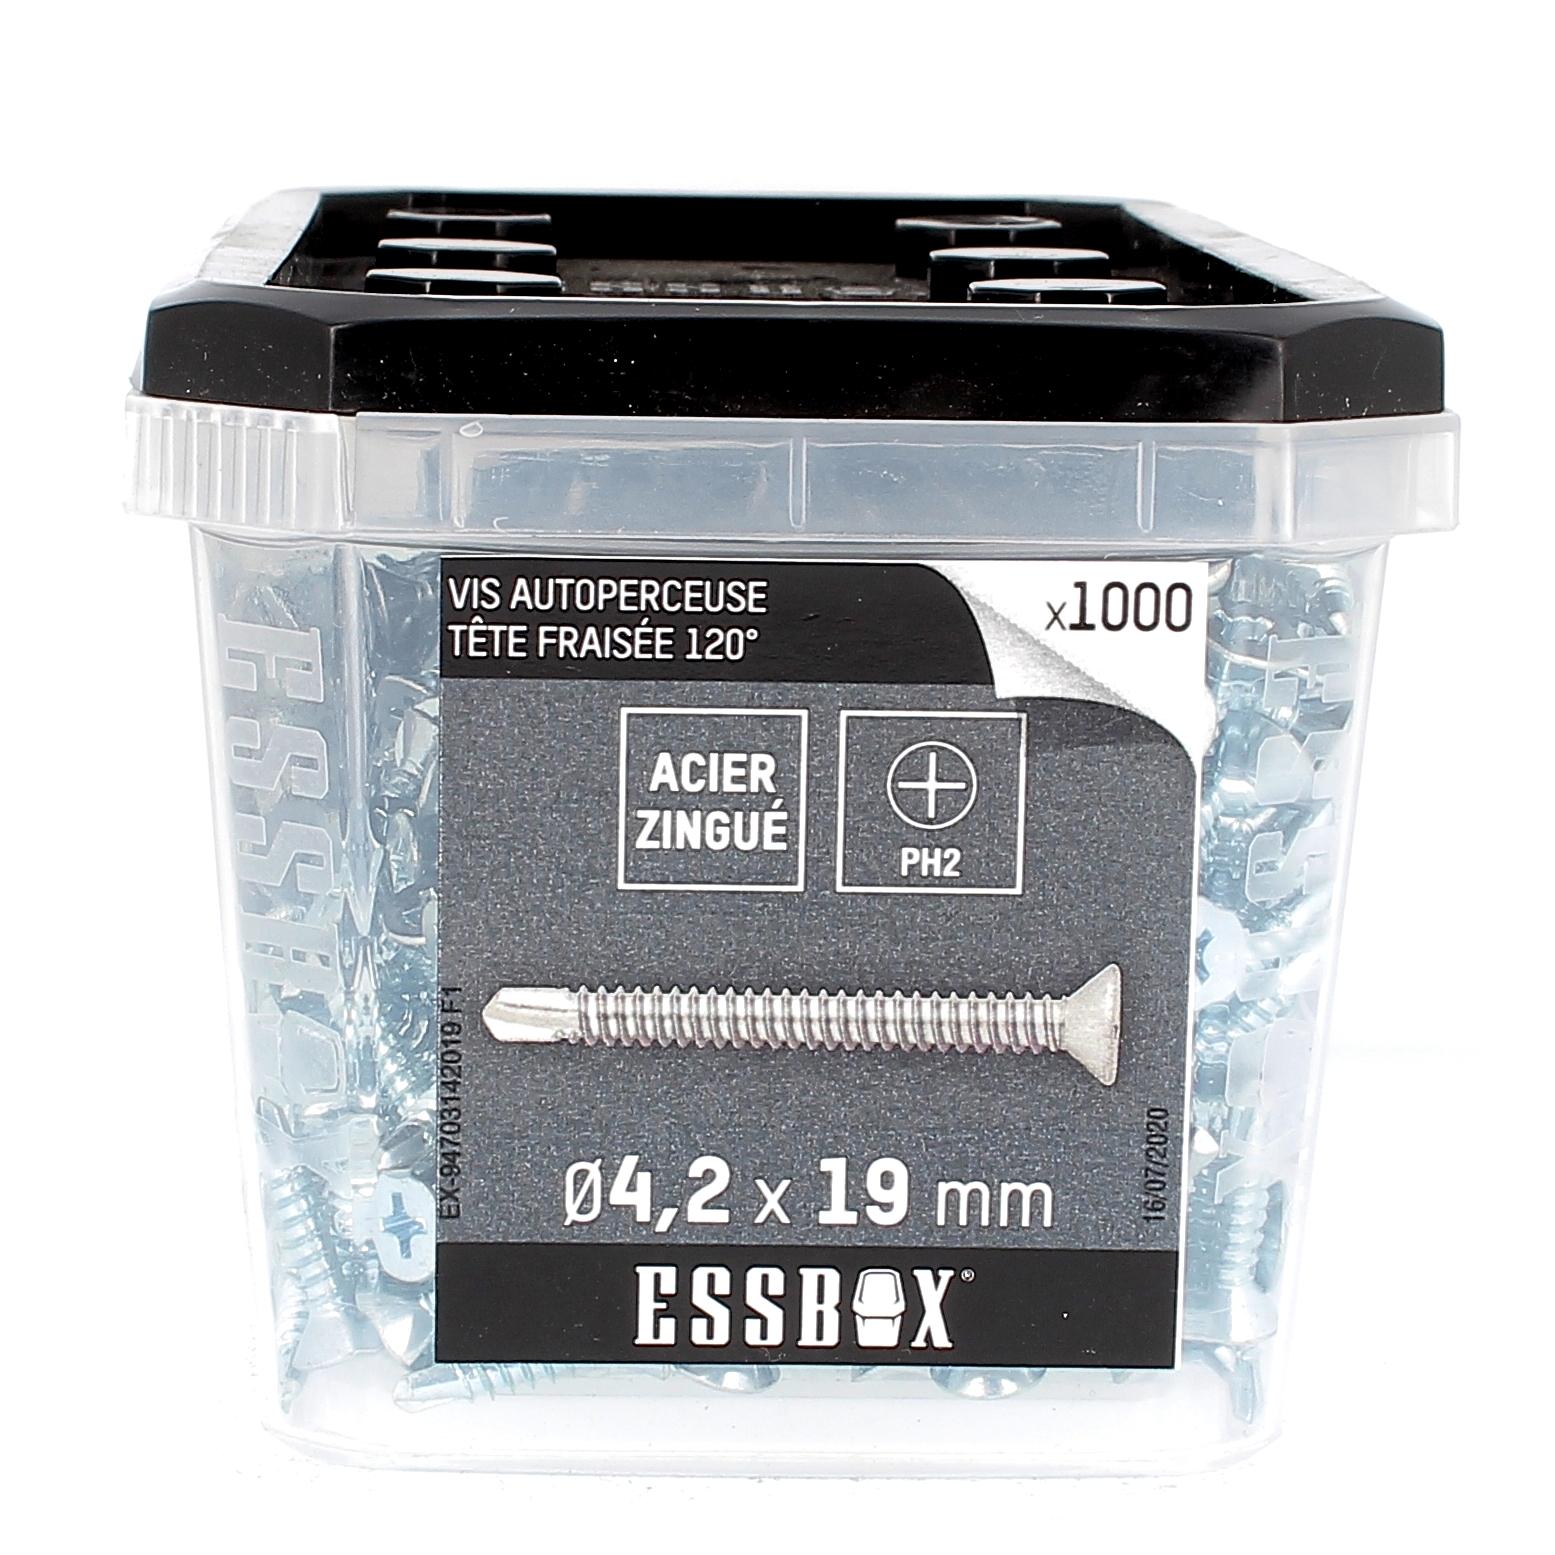 ESSBOX de 1000 Autoperceuses TFC 4.2X19 Zingué